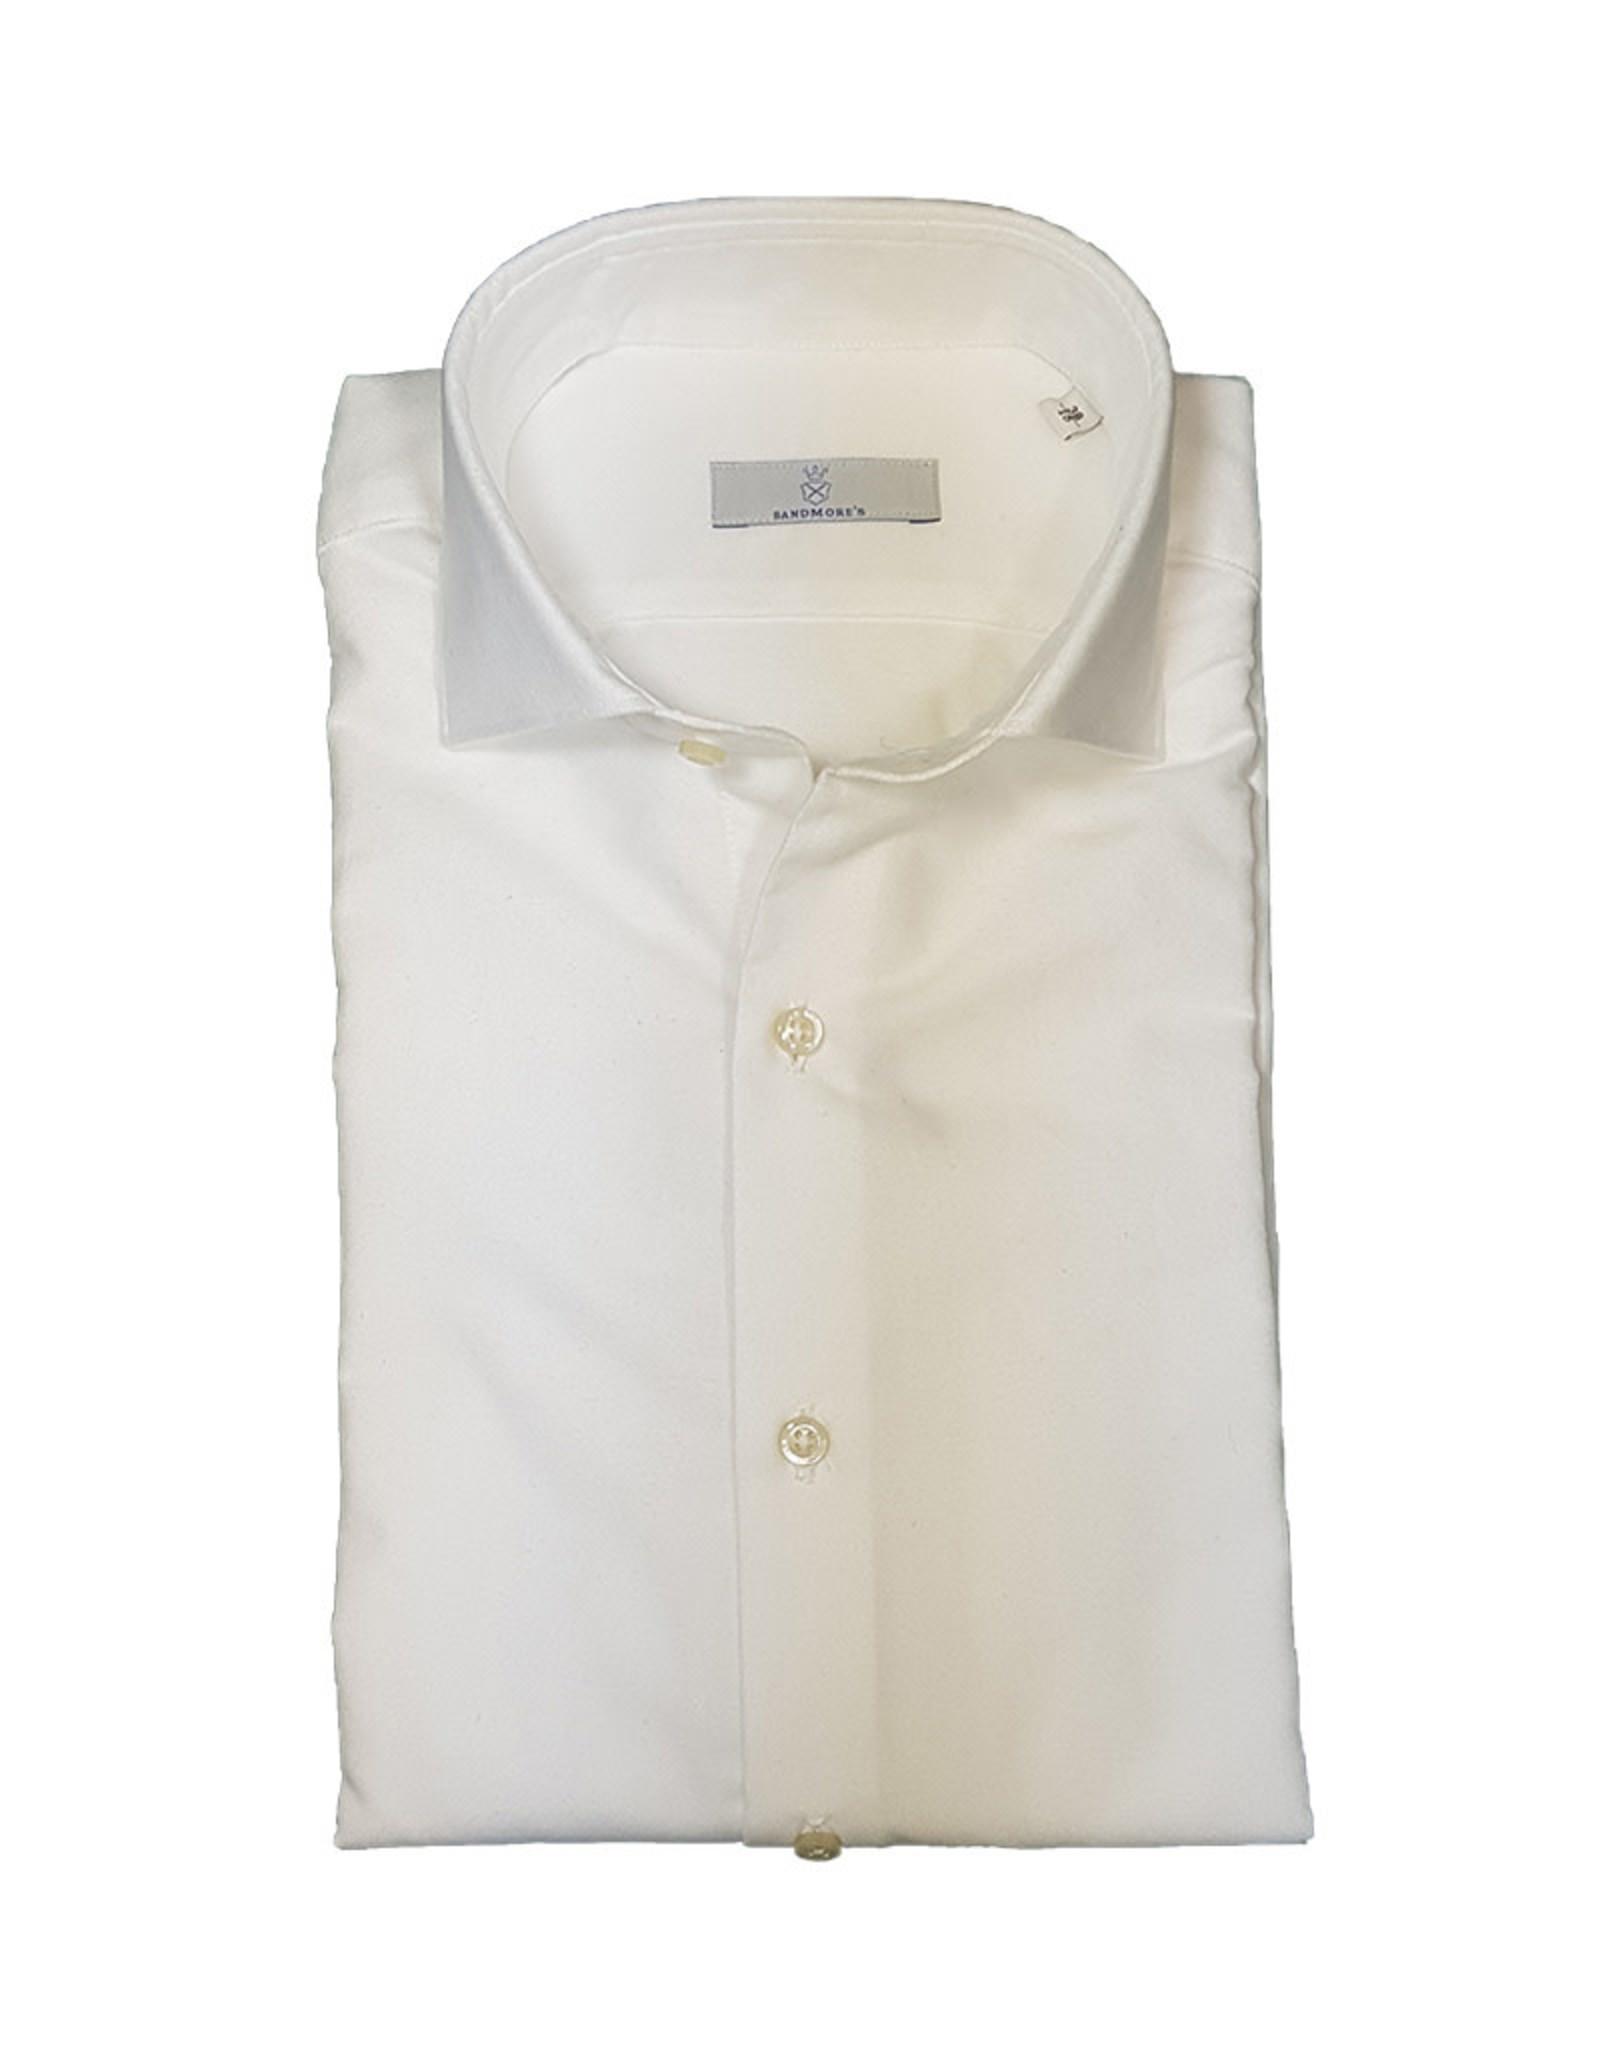 Ghirardelli Sandmore's hemd wit flannel Slimline T7100